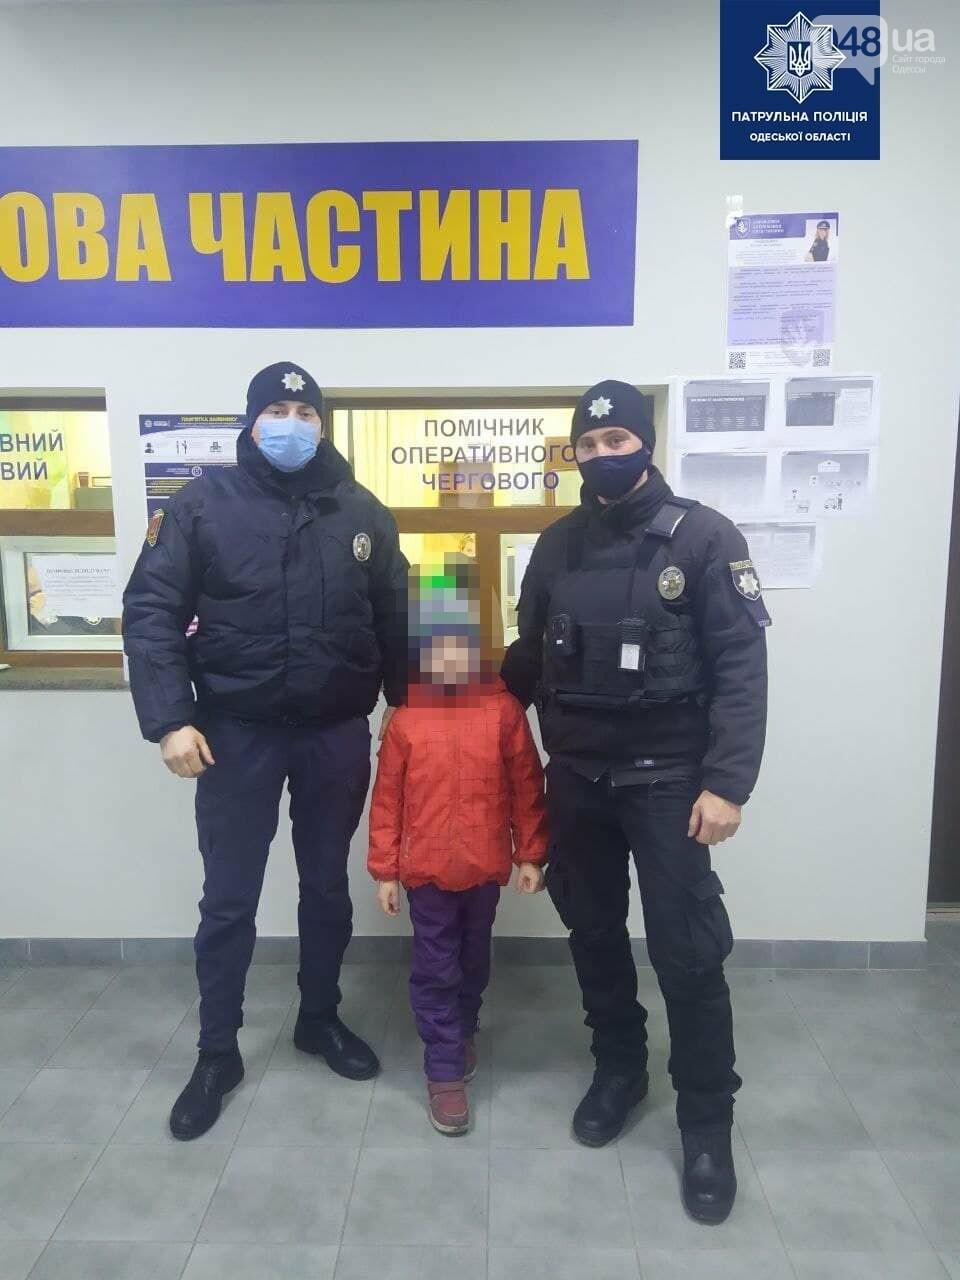 В Одессе нашли пропавшего ребенка.